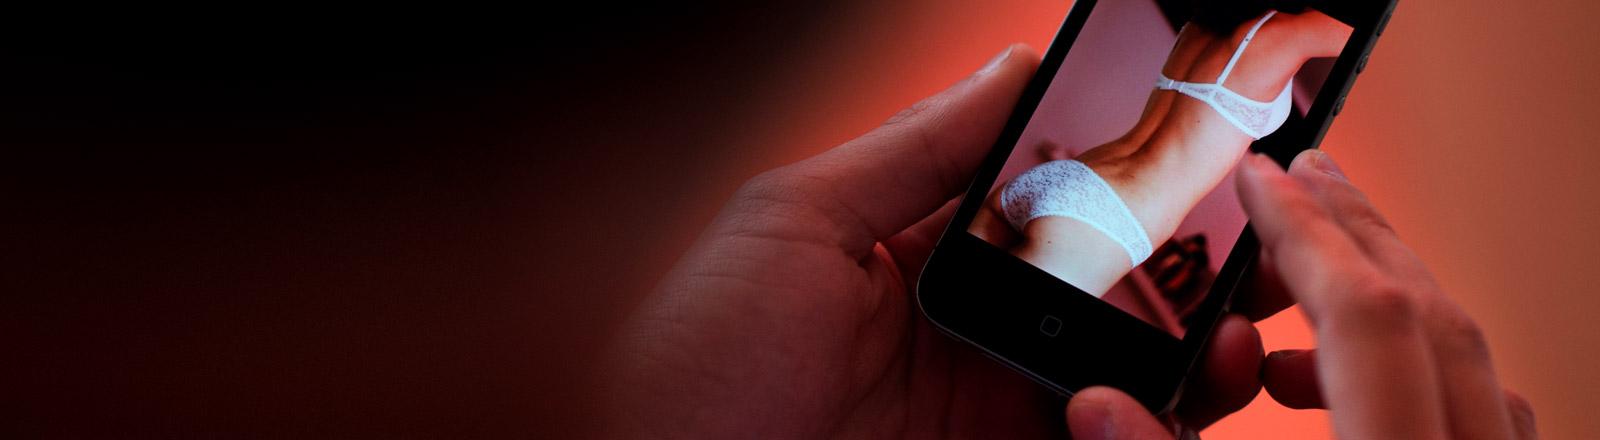 Ein Bild einer leicht bekleideten Frau auf einem Smartphone